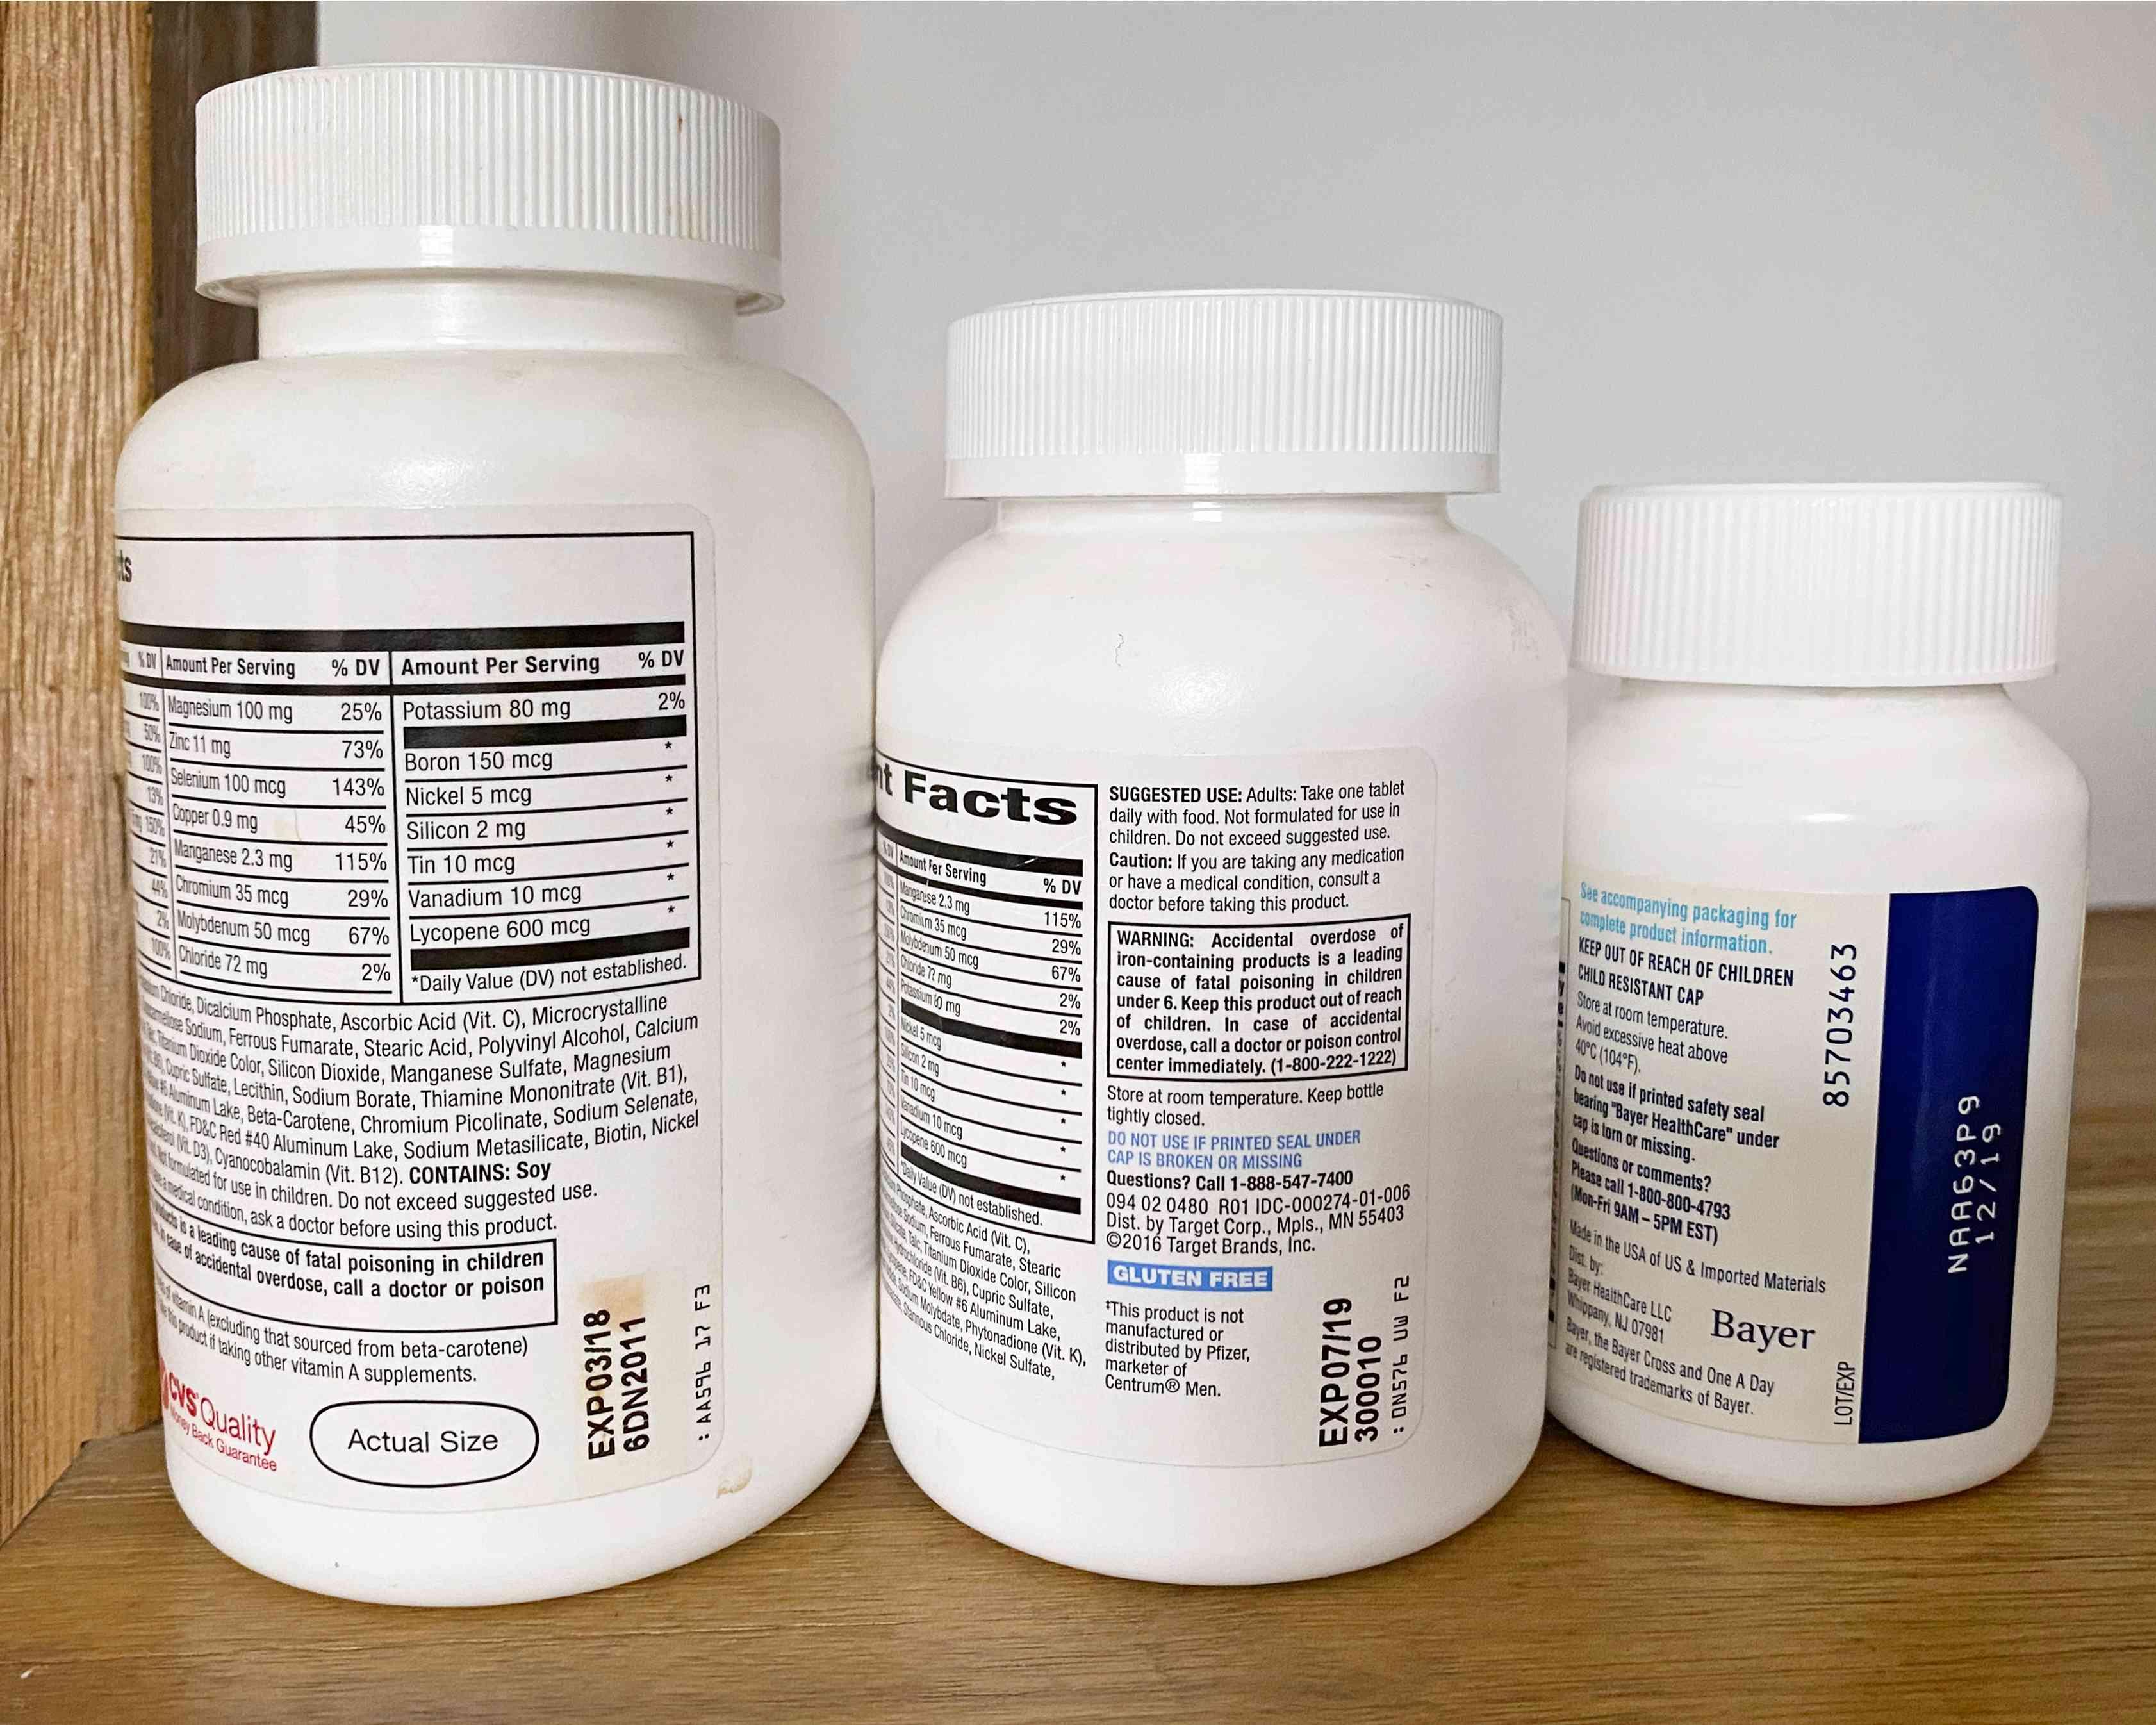 expired bottles of multivitamins